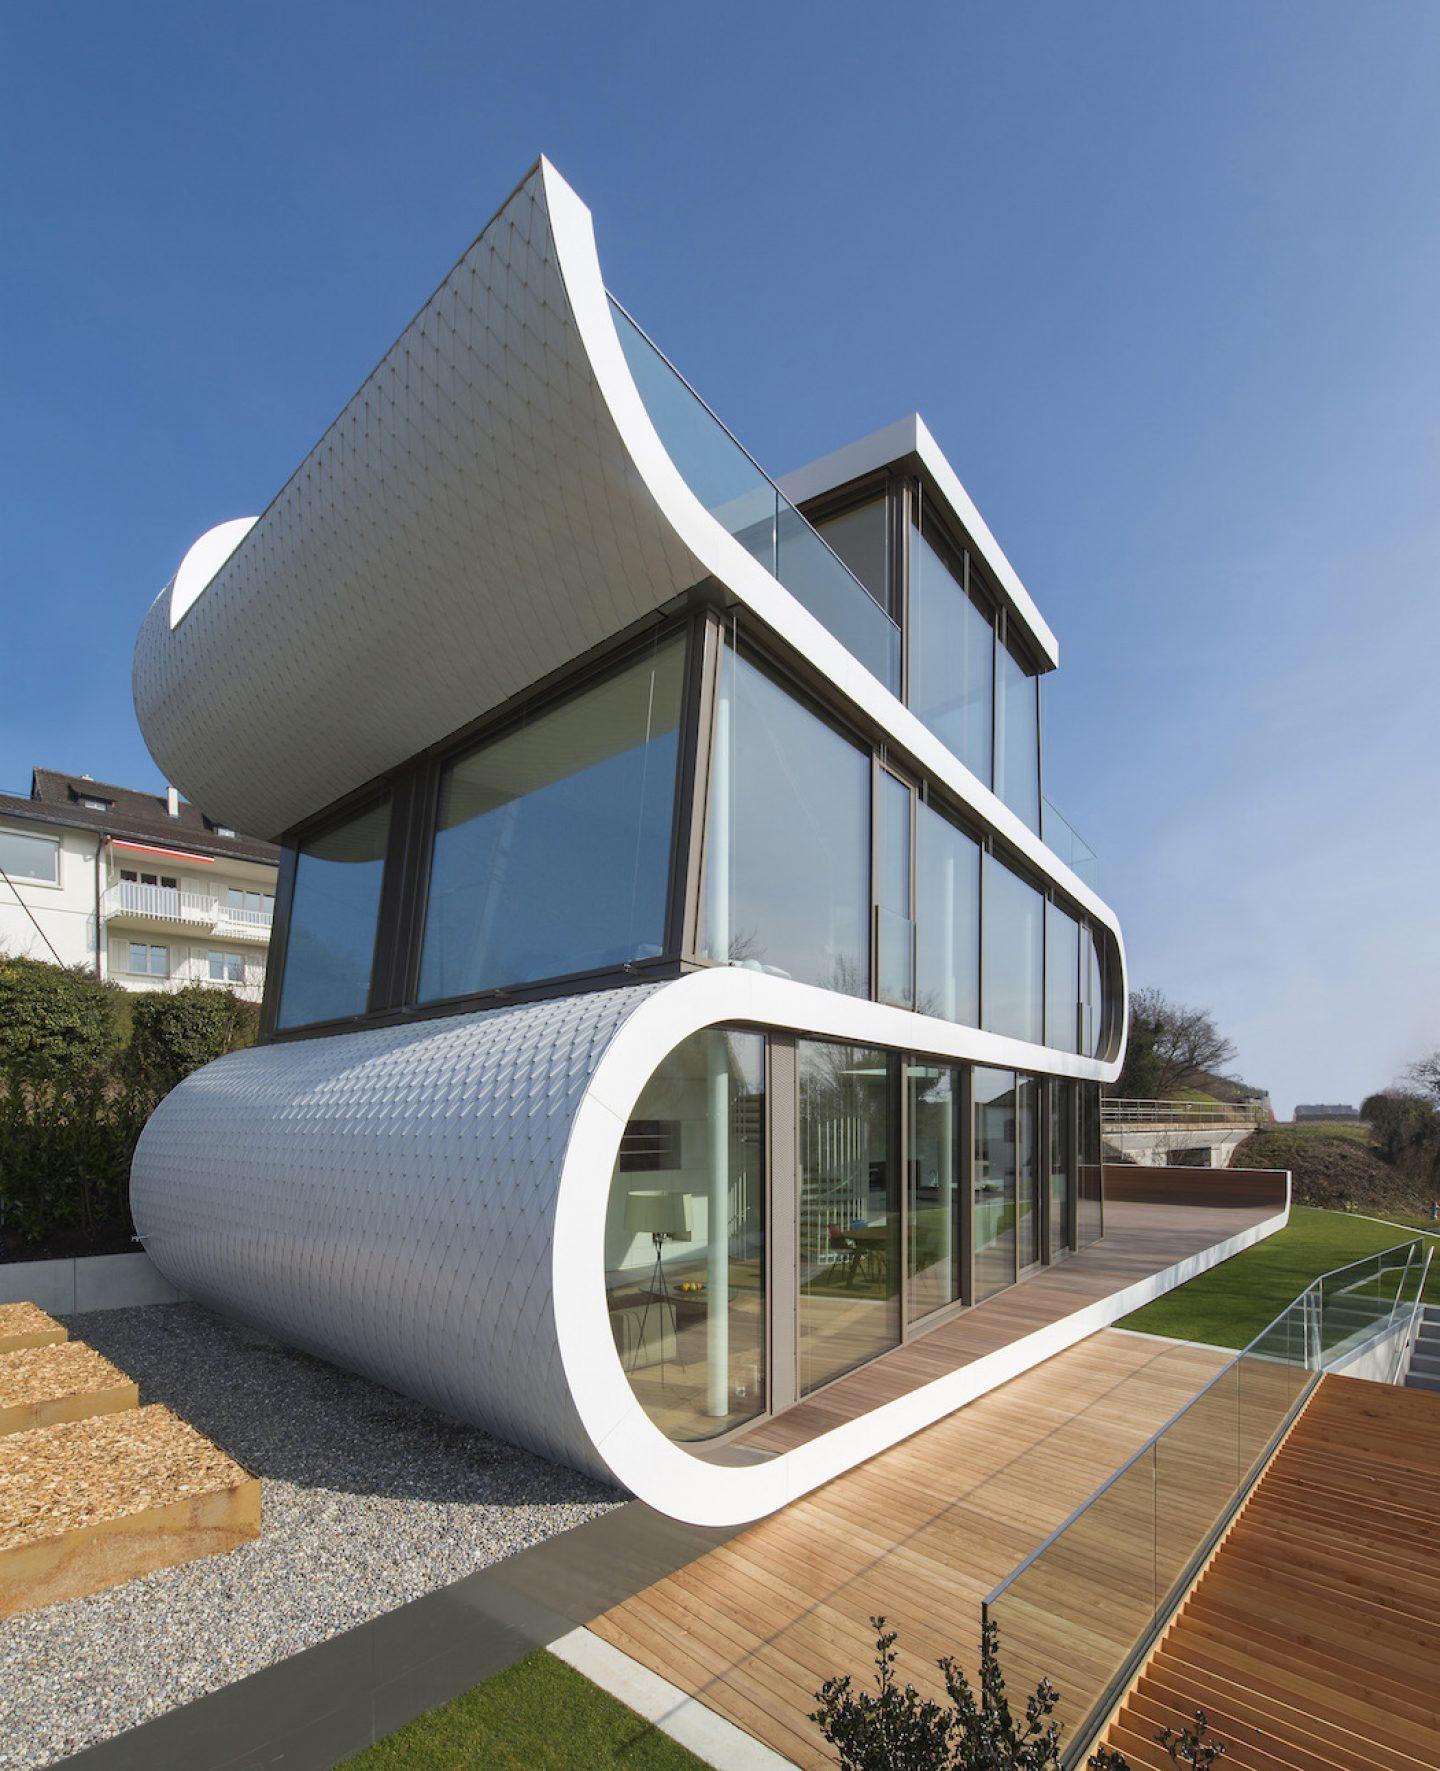 Architecture_Flexhouse_Zurich_Evolution_Design_24